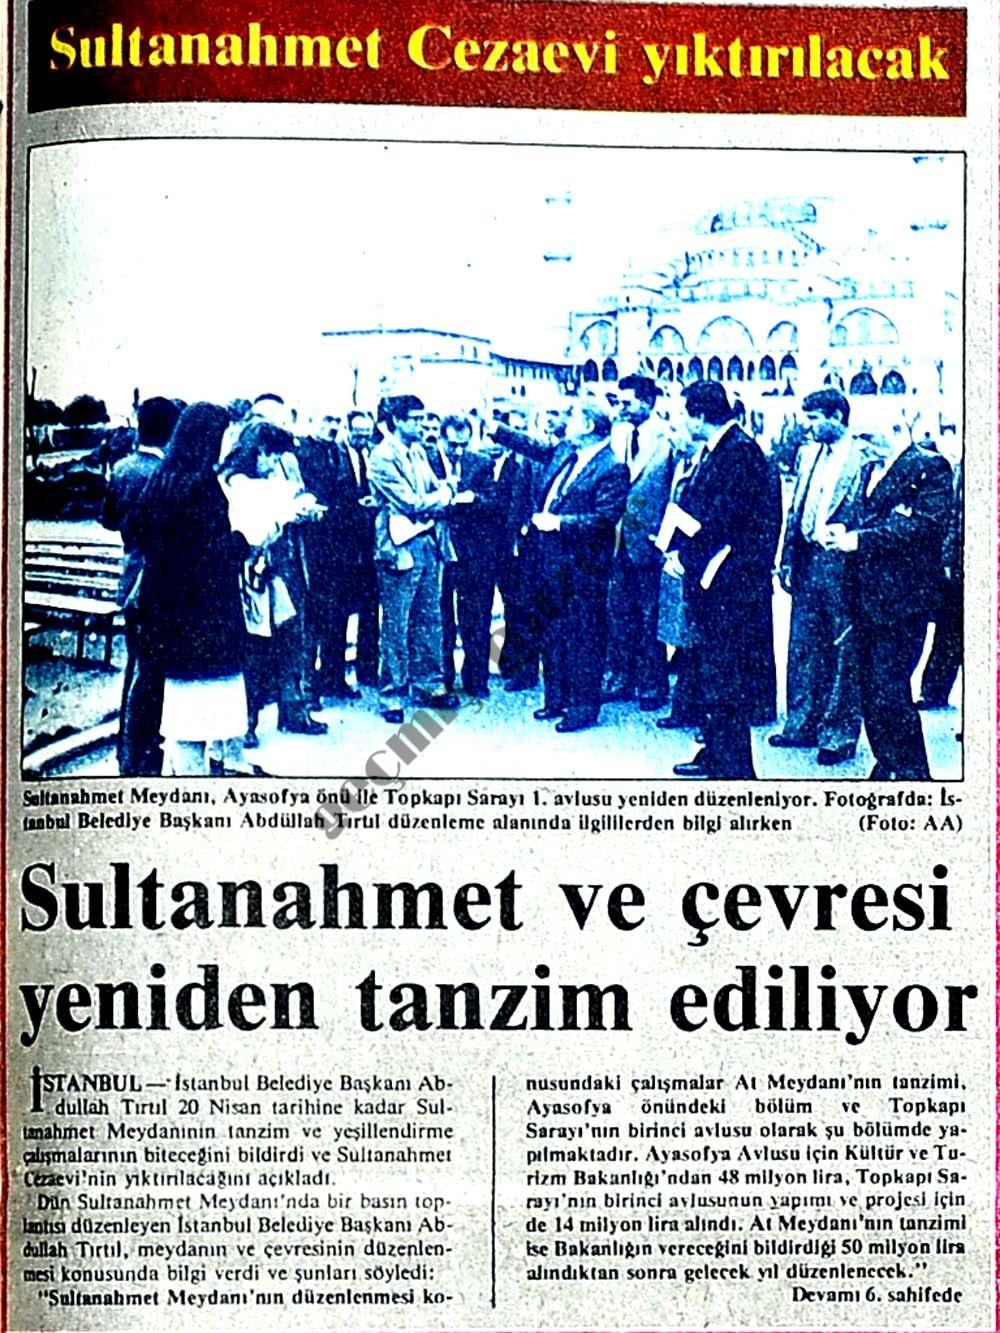 Sultanahmet Cezaevi yıktırılacak